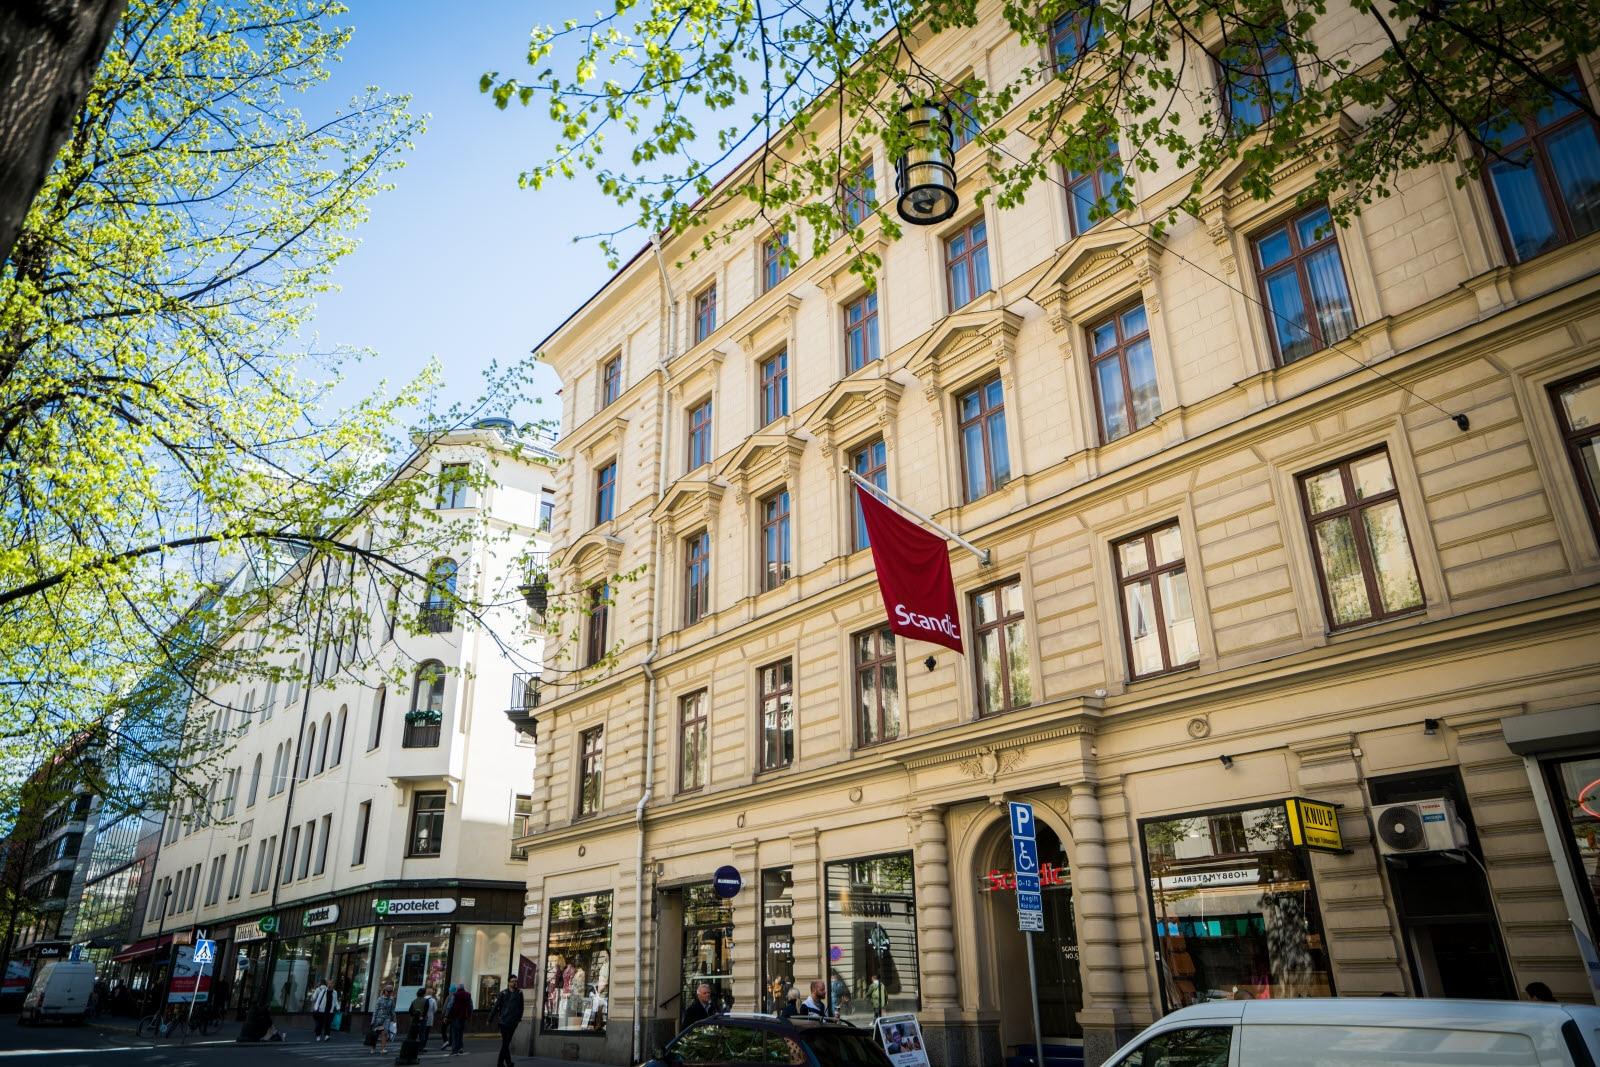 Scandic no 53 hotel stockholm scandic hotels for Hotel stockholm